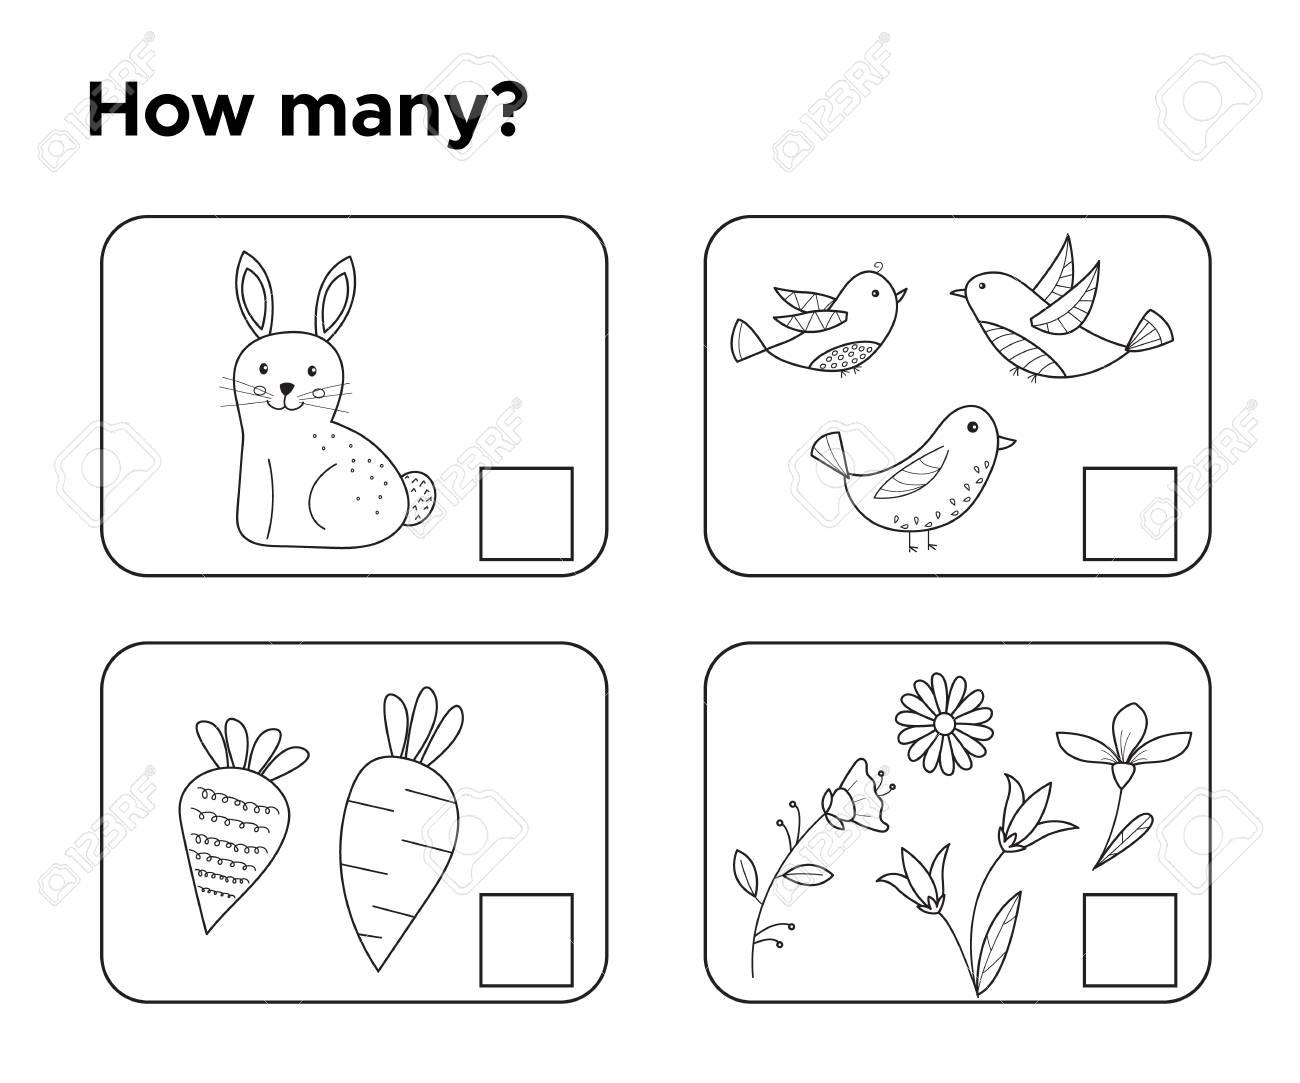 Wie Viele Objekte? Aufgabe Für Vorschulkinder. Malvorlage Oder Buch ...